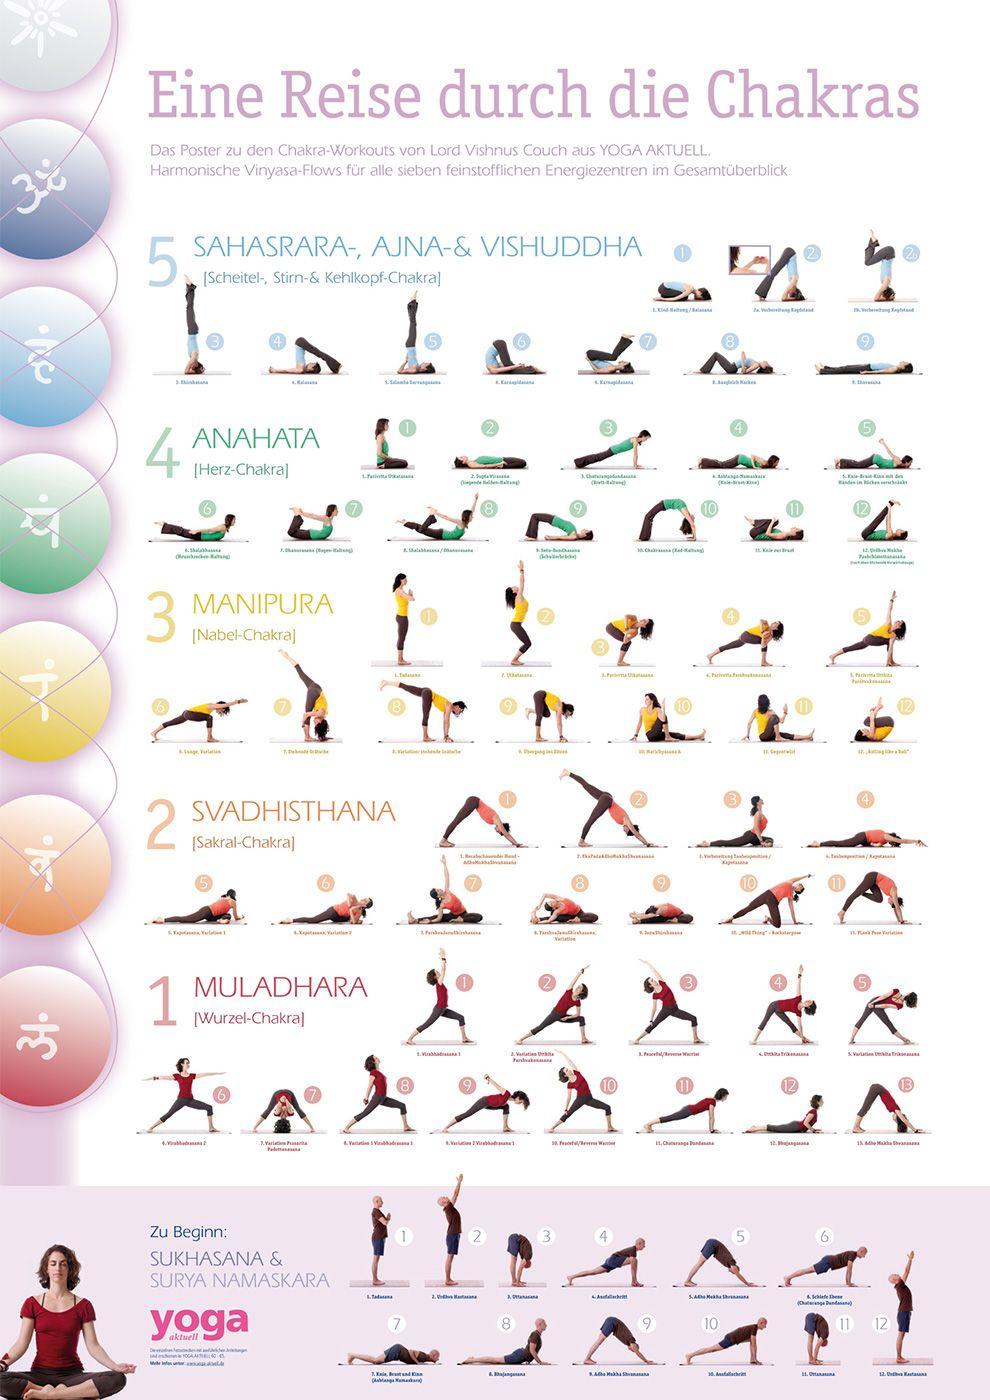 25 + › Wichtig, Starke Handgelenke Für Yoga Zu Haben. Fitness-Videos Finden Sie Unter Www.youtu … 25 + › Wichtig, starke Handgelenke für Yoga zu haben. Fitness-Videos finden Sie unter www.youtu … Yoga vinyasa